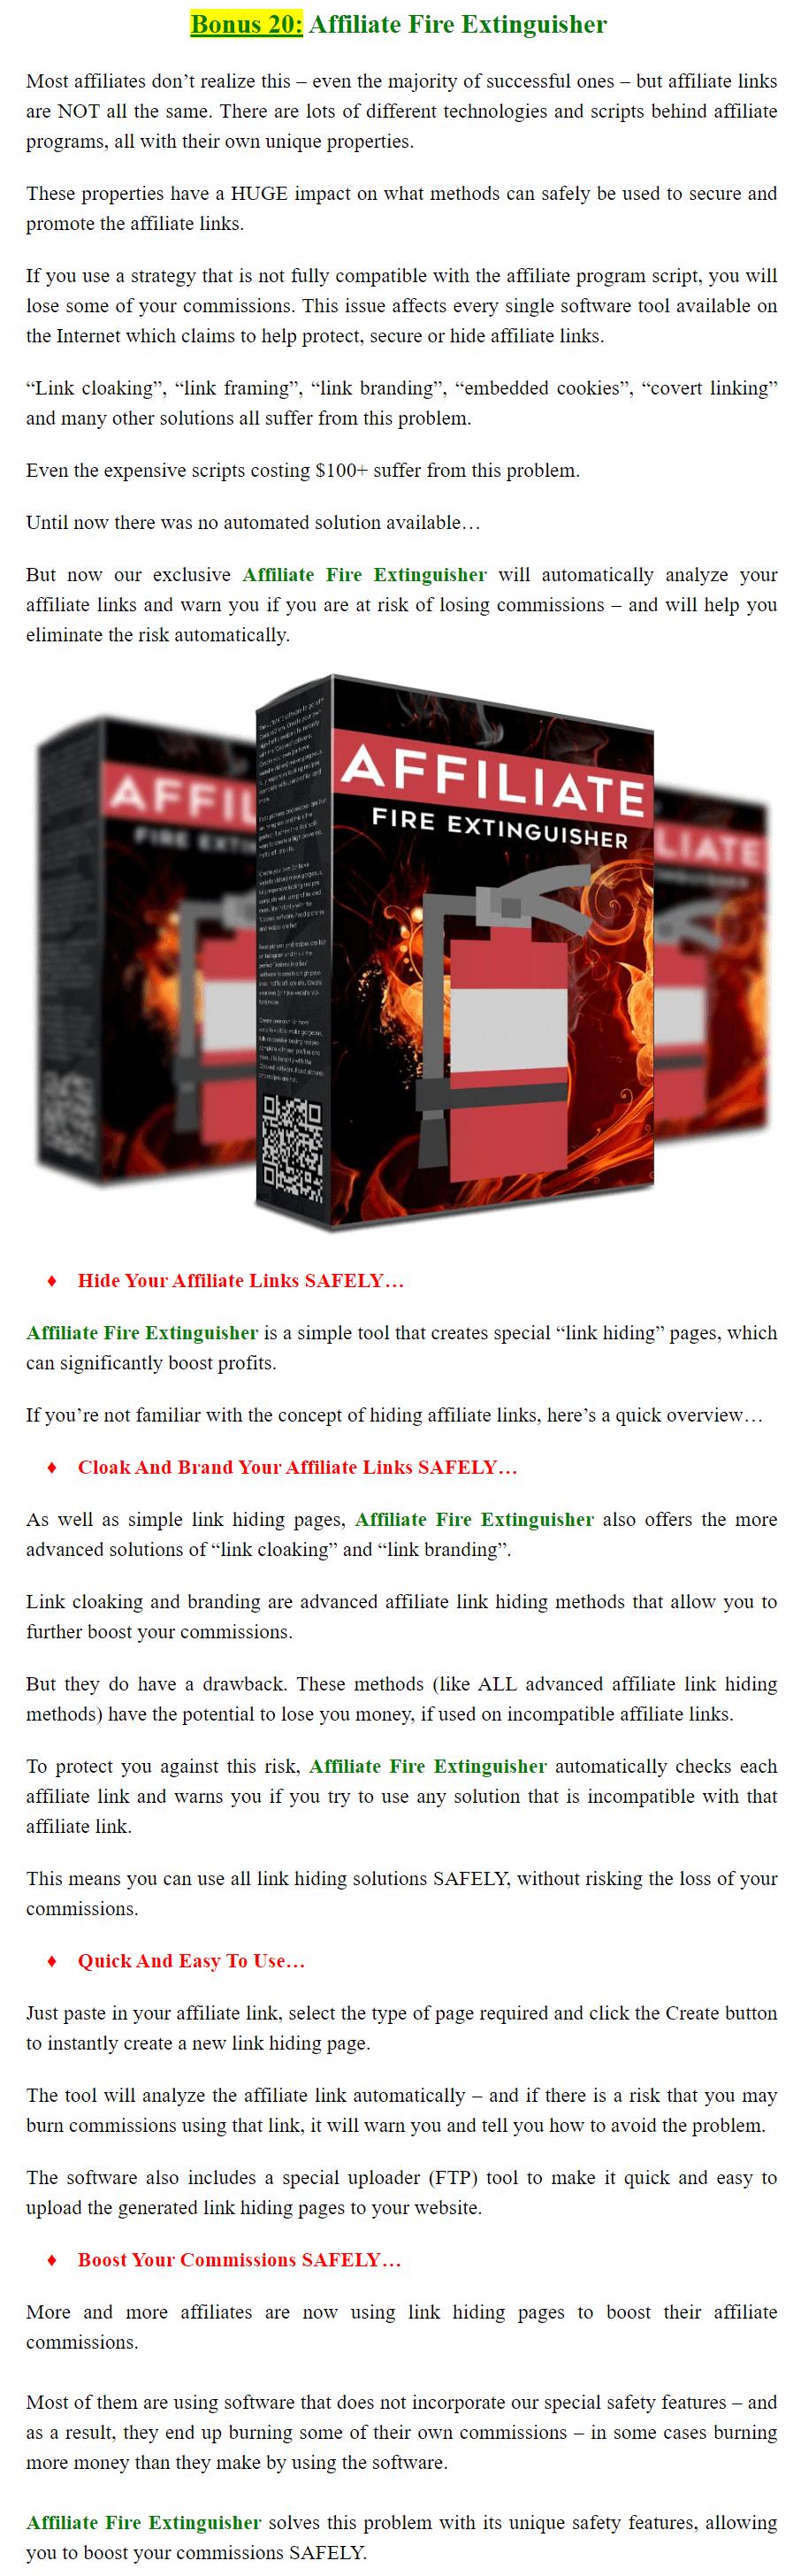 General-Package2-Image10